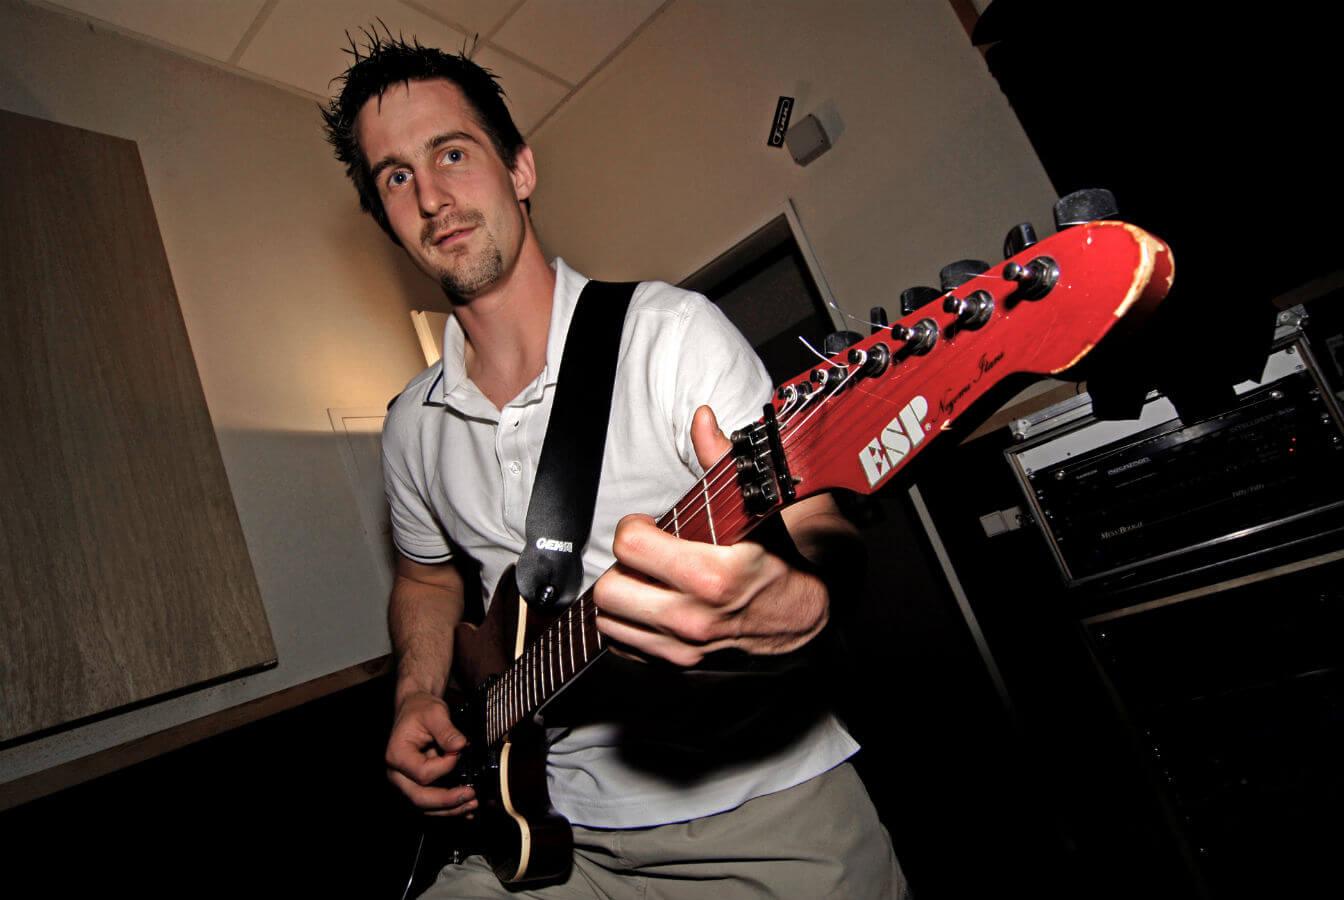 Zielgerade Rhythmus-Gitarre